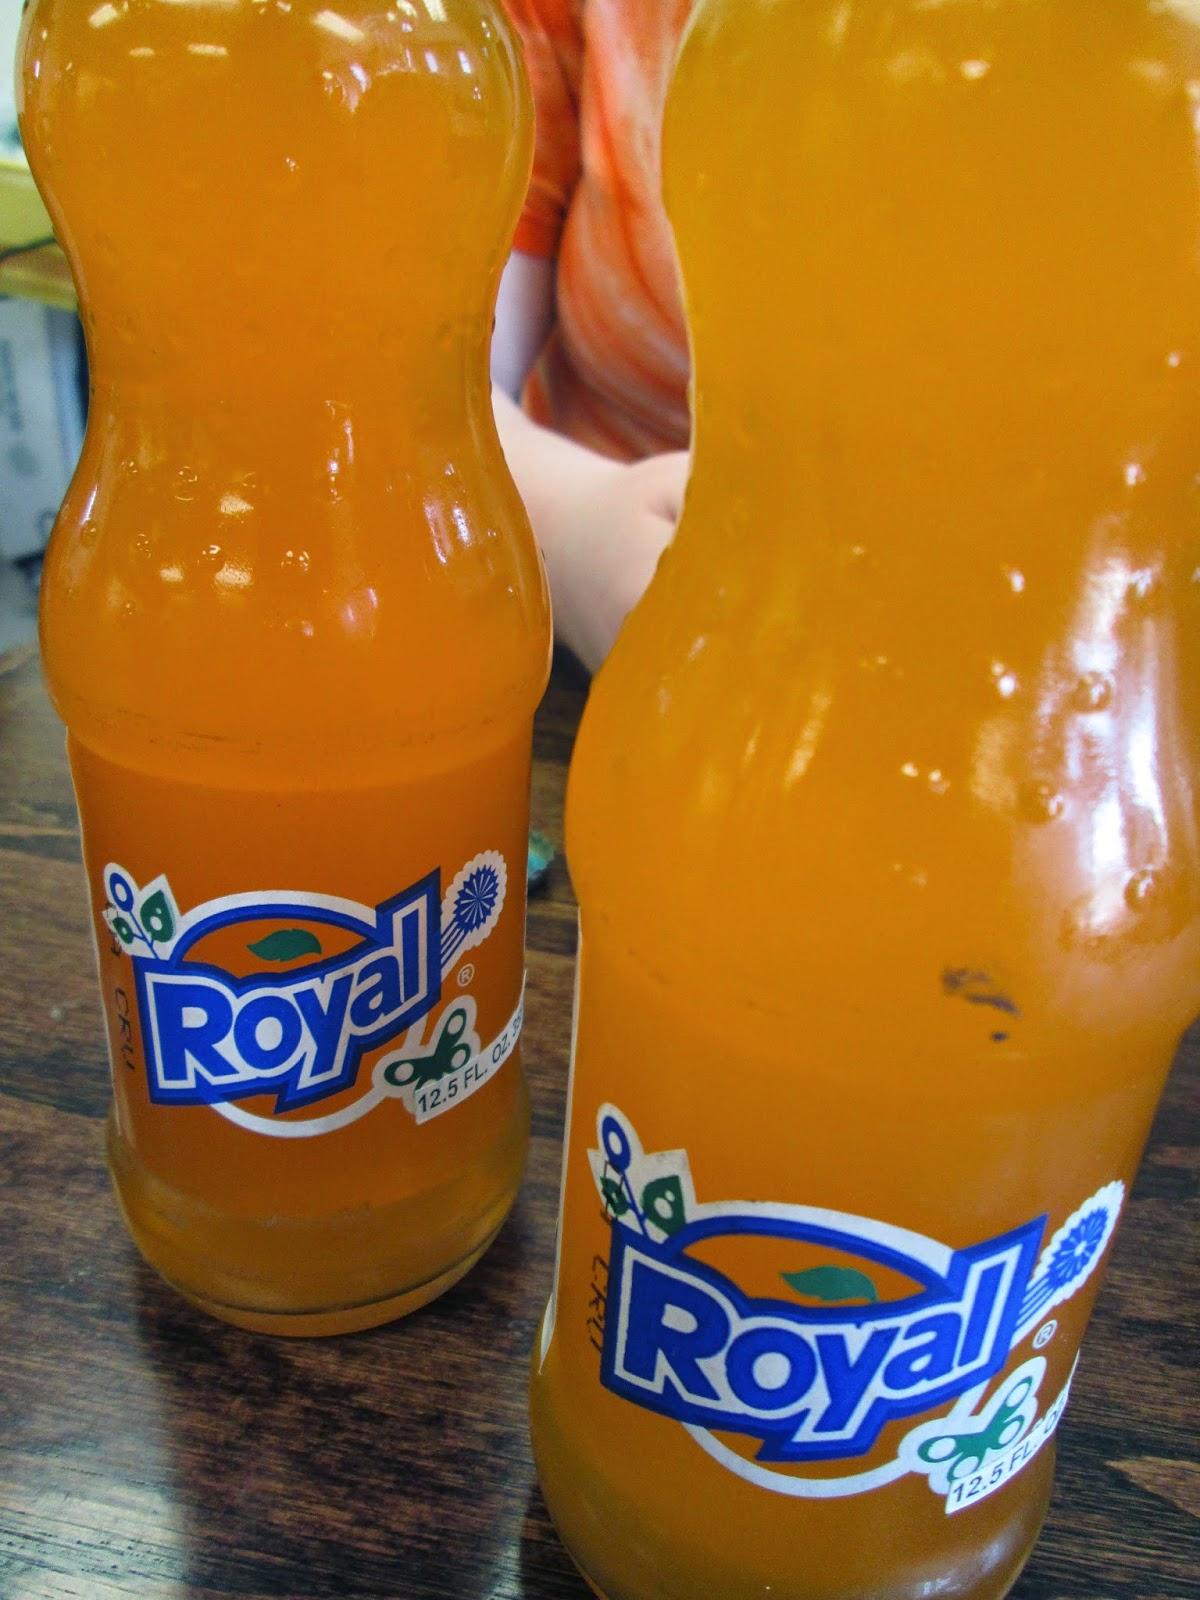 Eatraleigh blog filipino cuisine bitter melon - Bitter melon culture ...